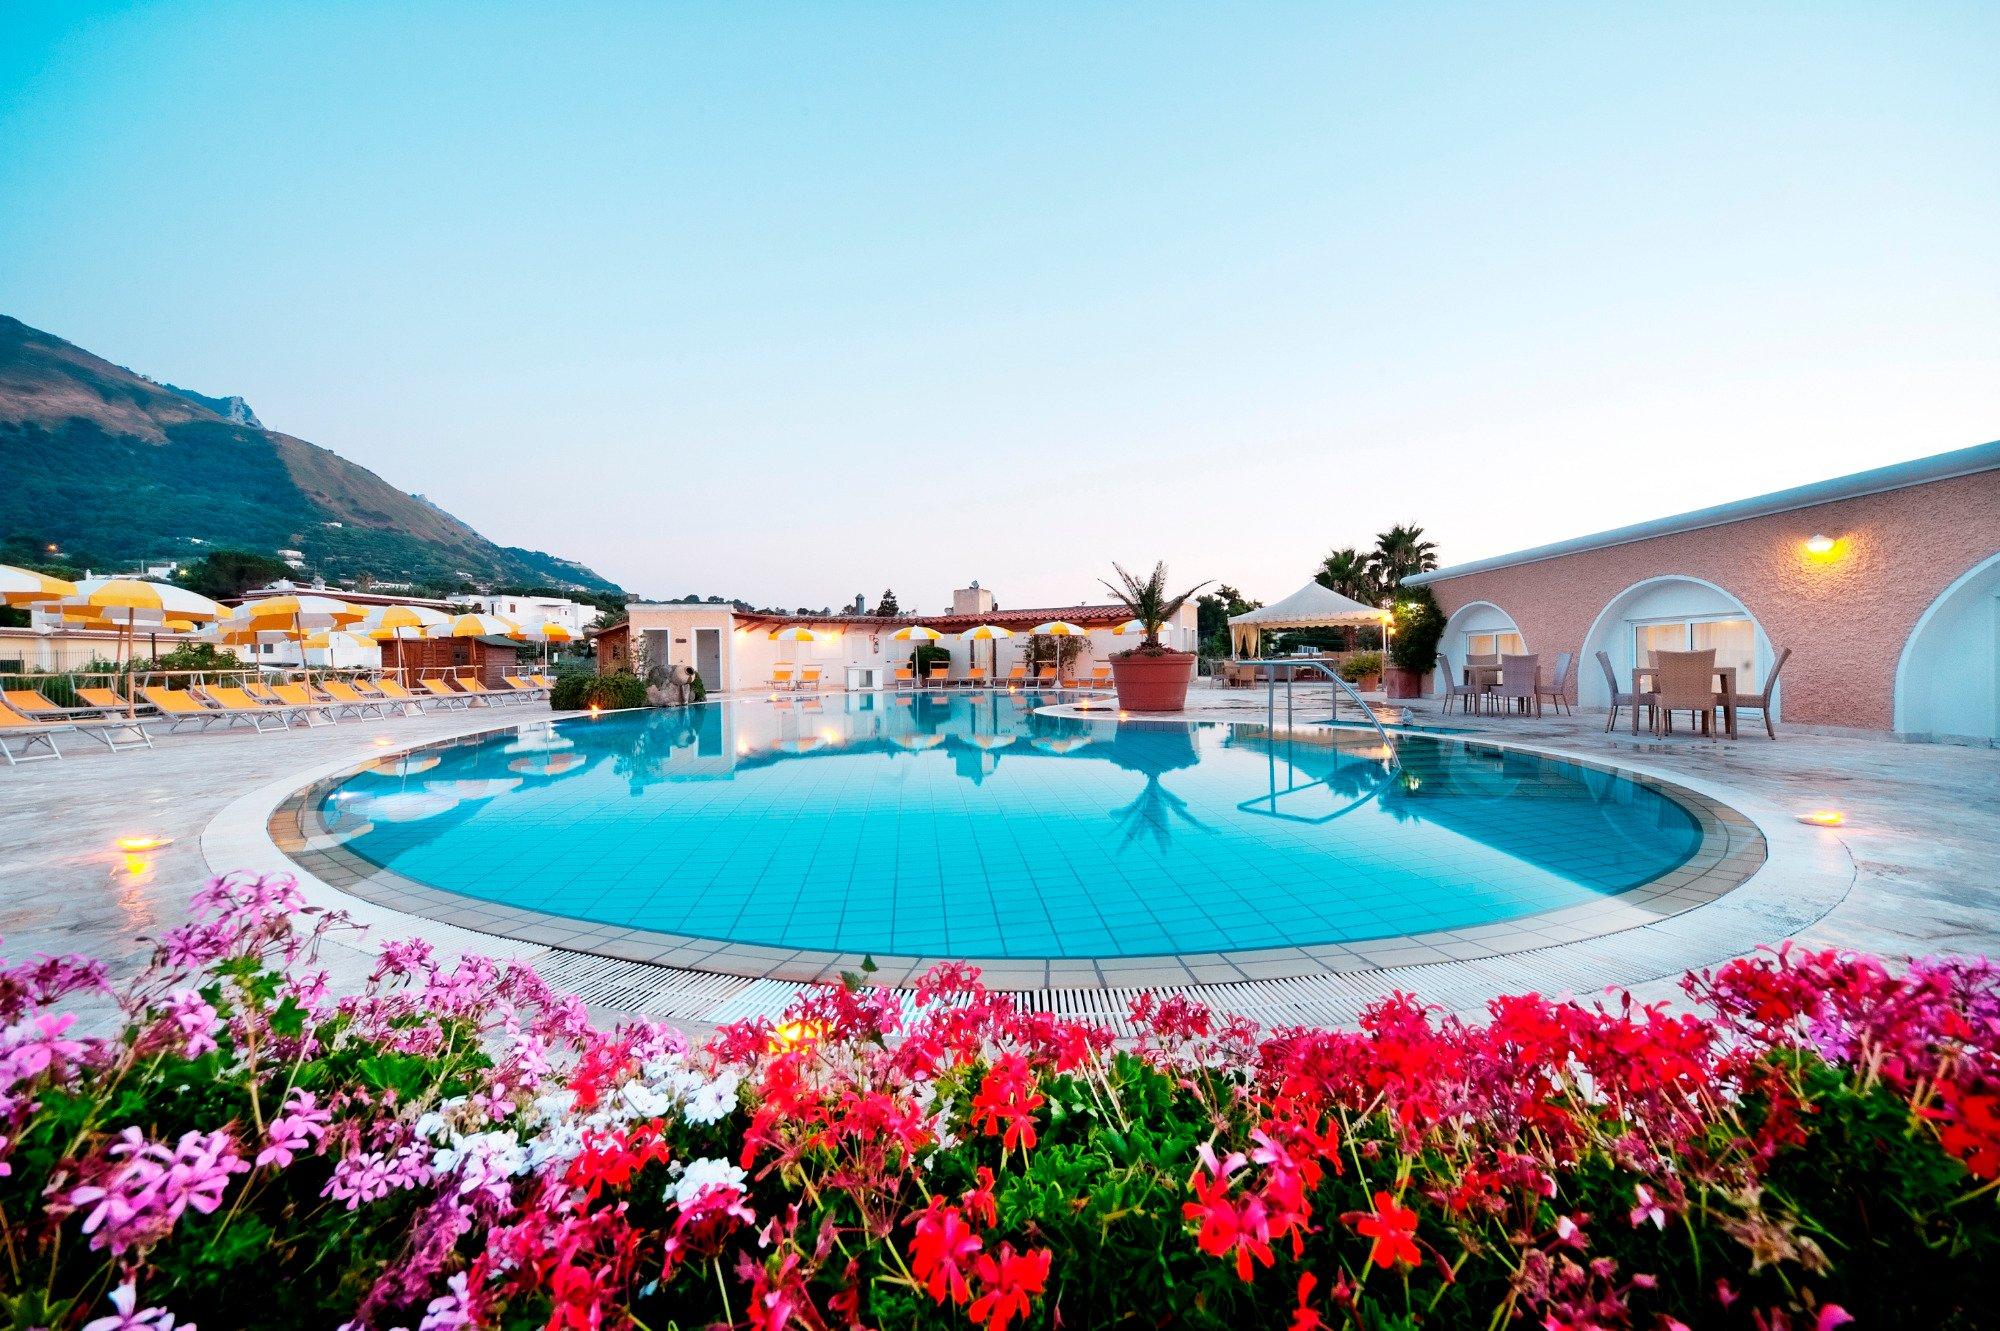 Hotel Parco Delle Agavi Forio piscina 3